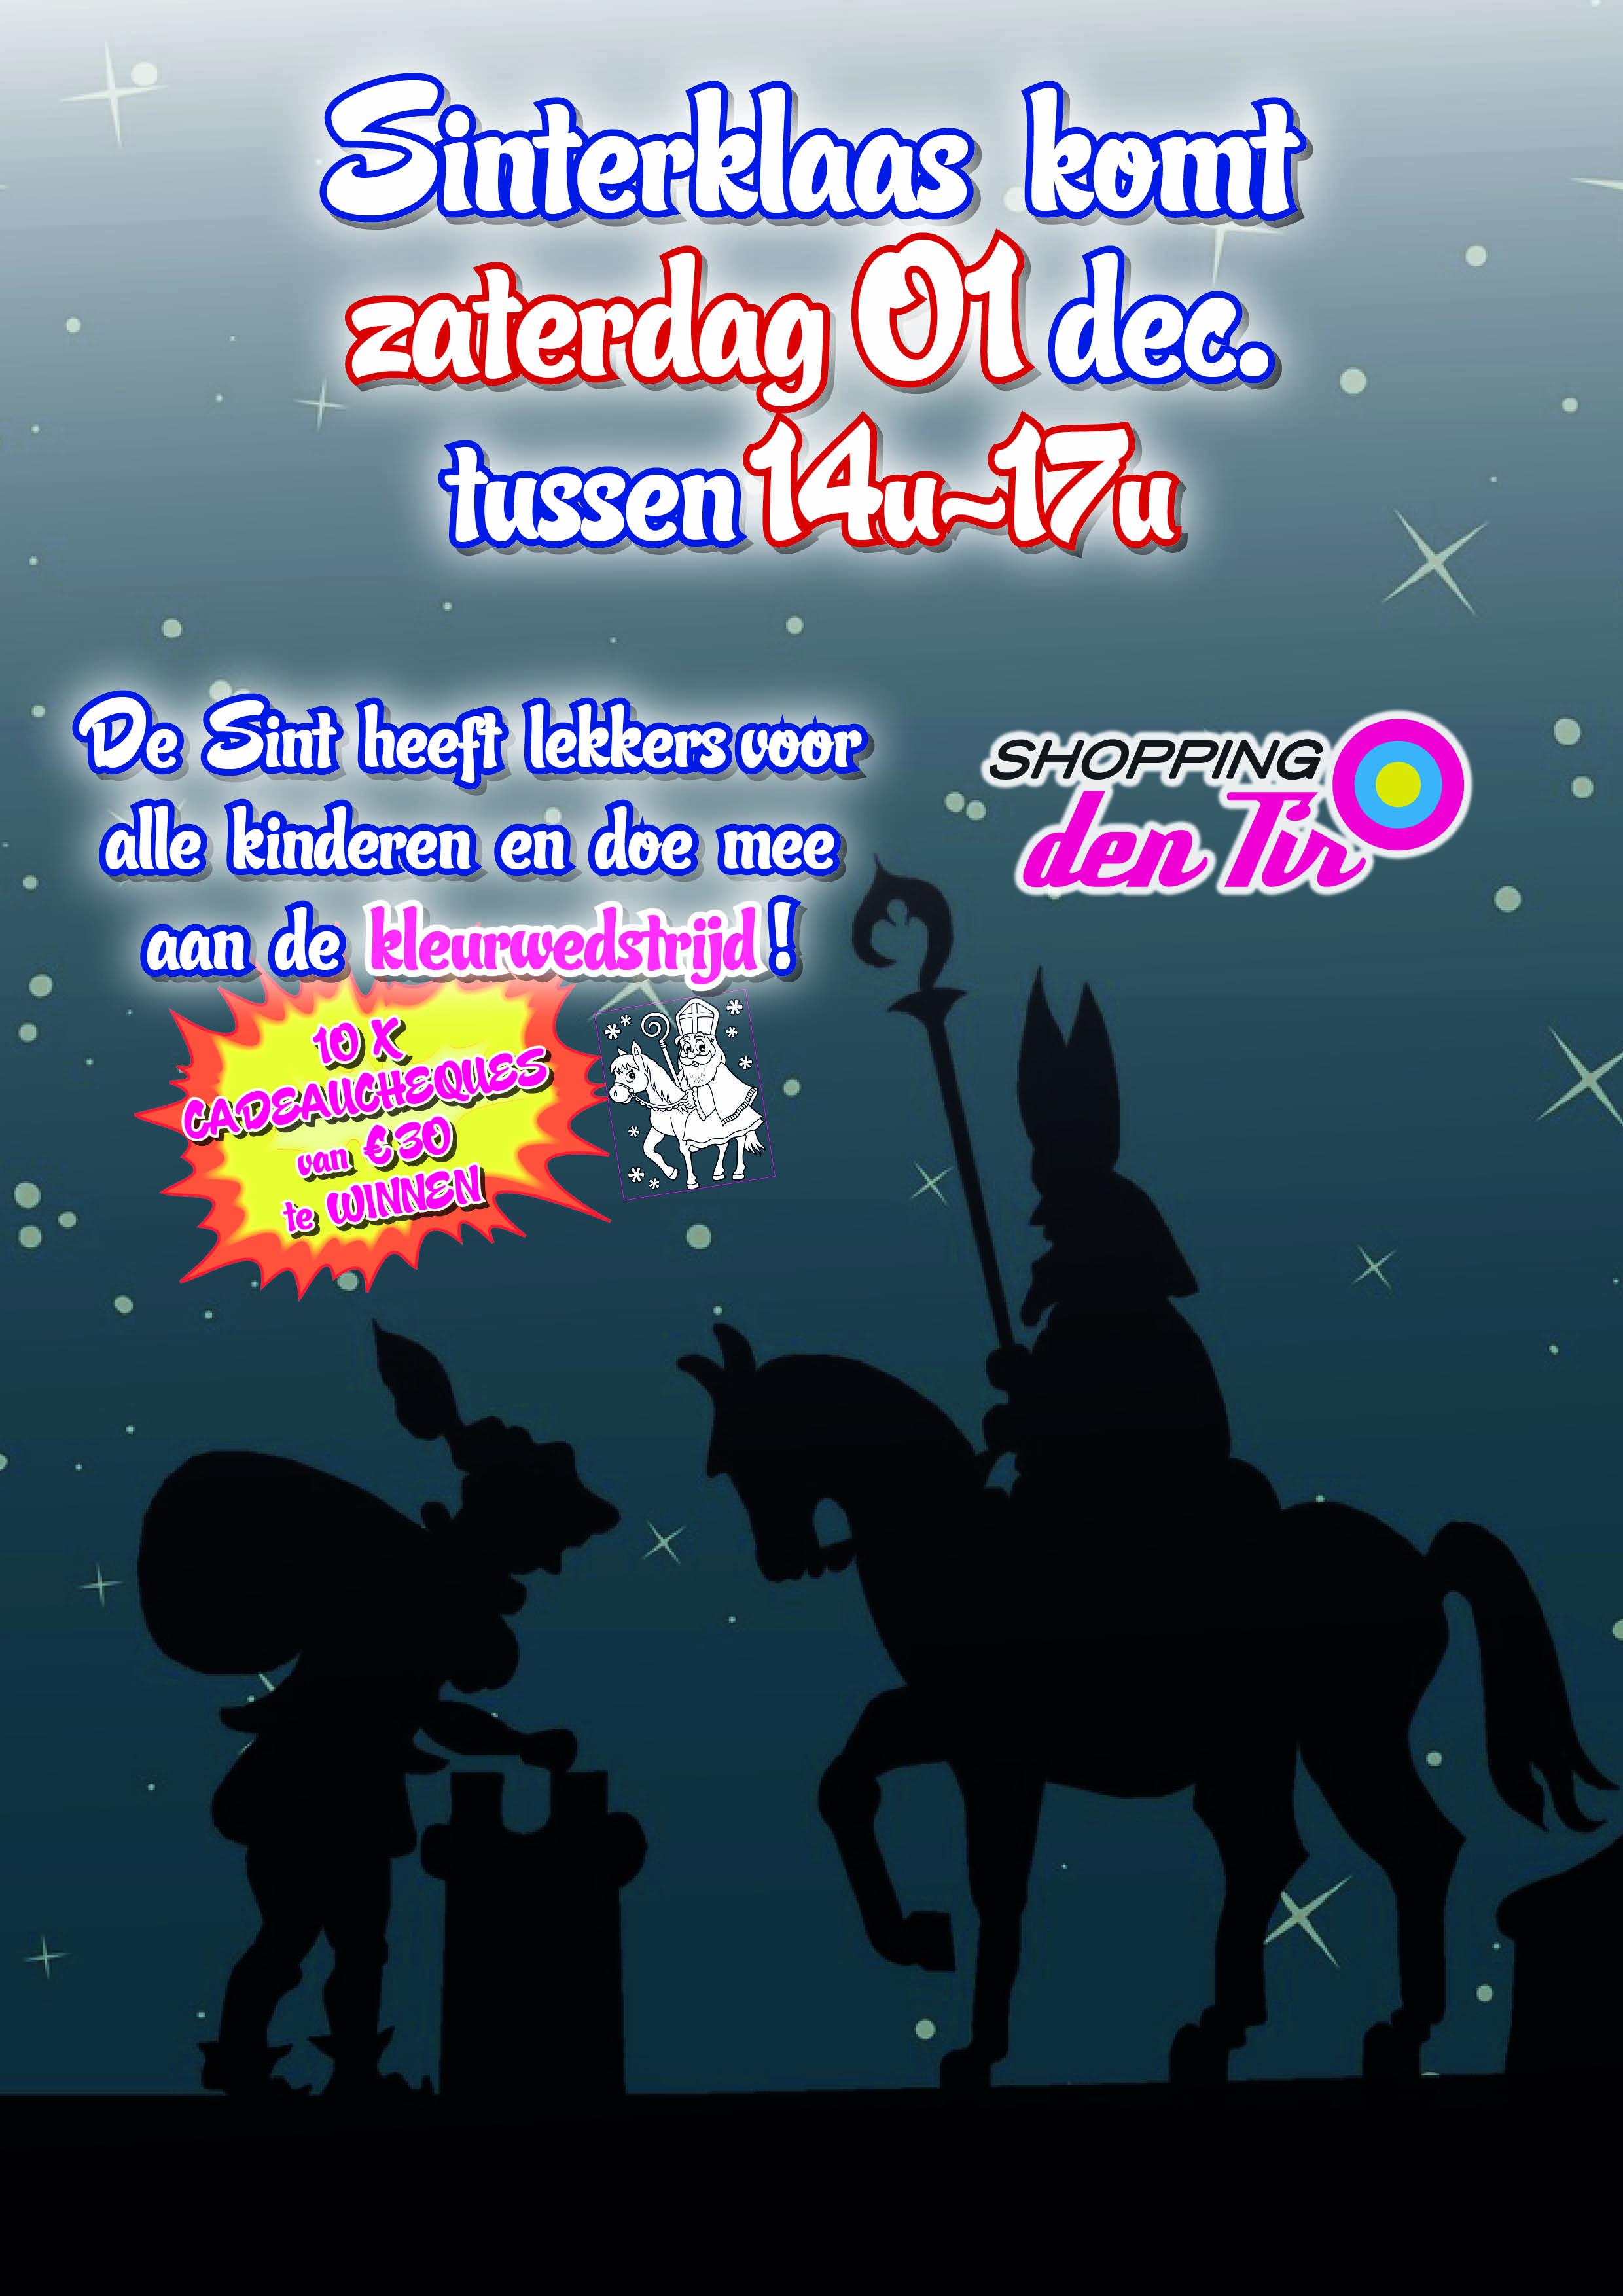 afbeelding van event